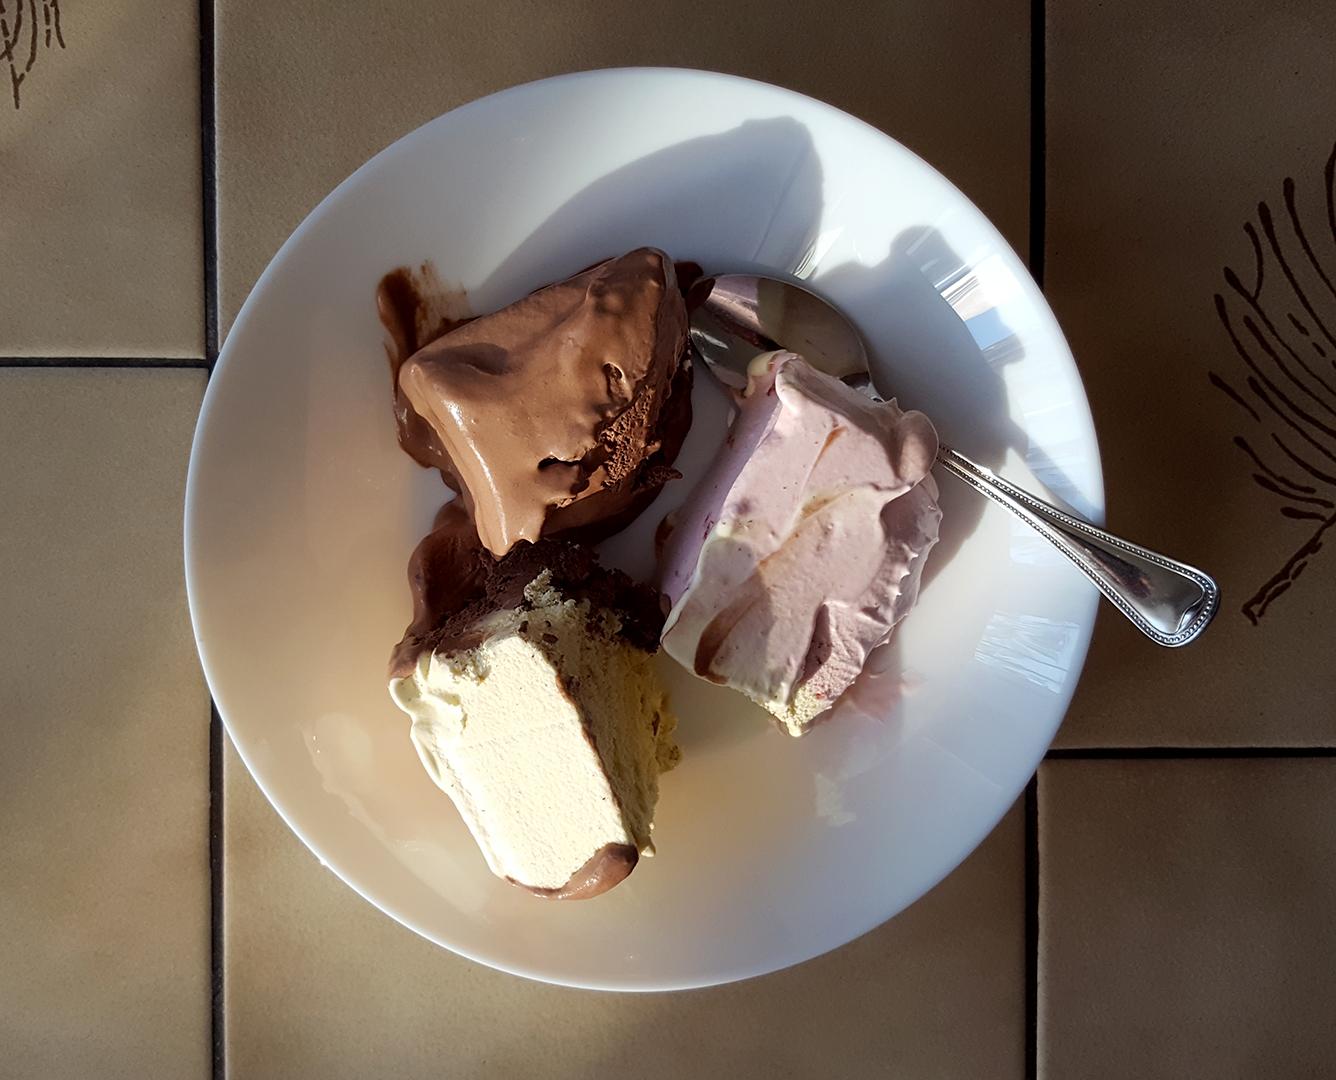 EISkalte Erfrischung - Erdbeer, Vanille, Schokolade